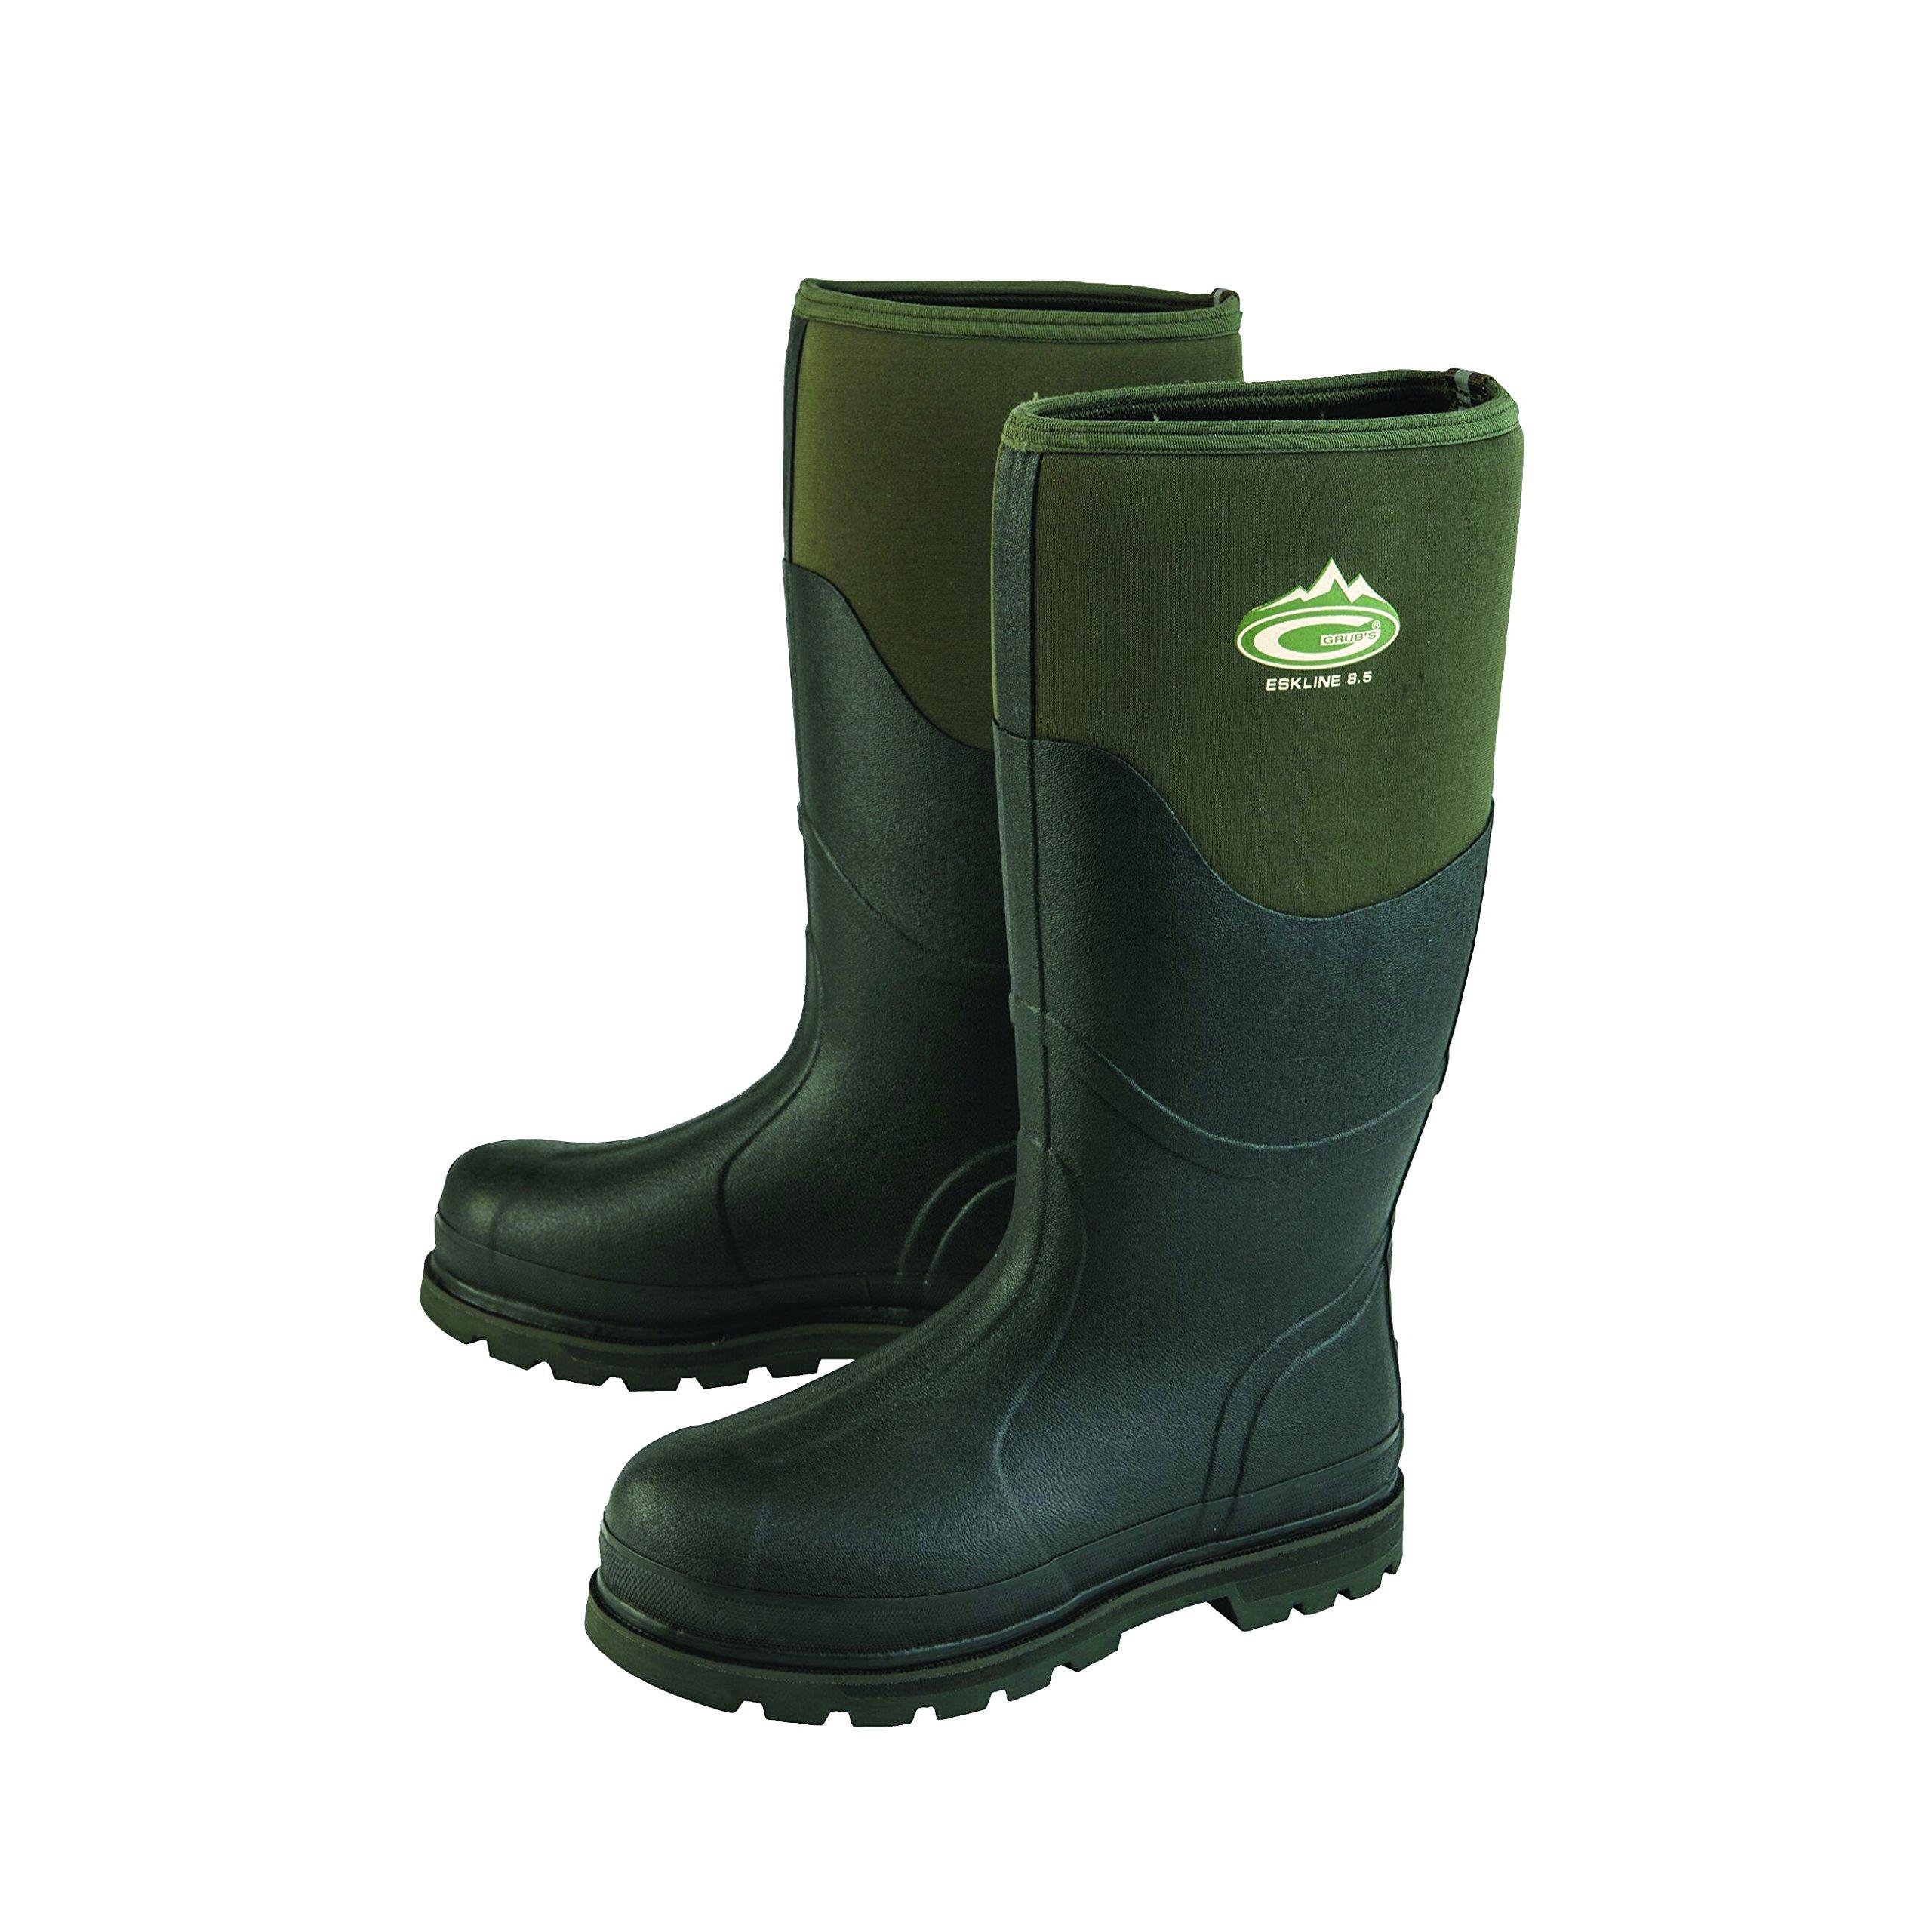 Grubs Adults Unisex Eskline Boots (8 US) (Moss Green)